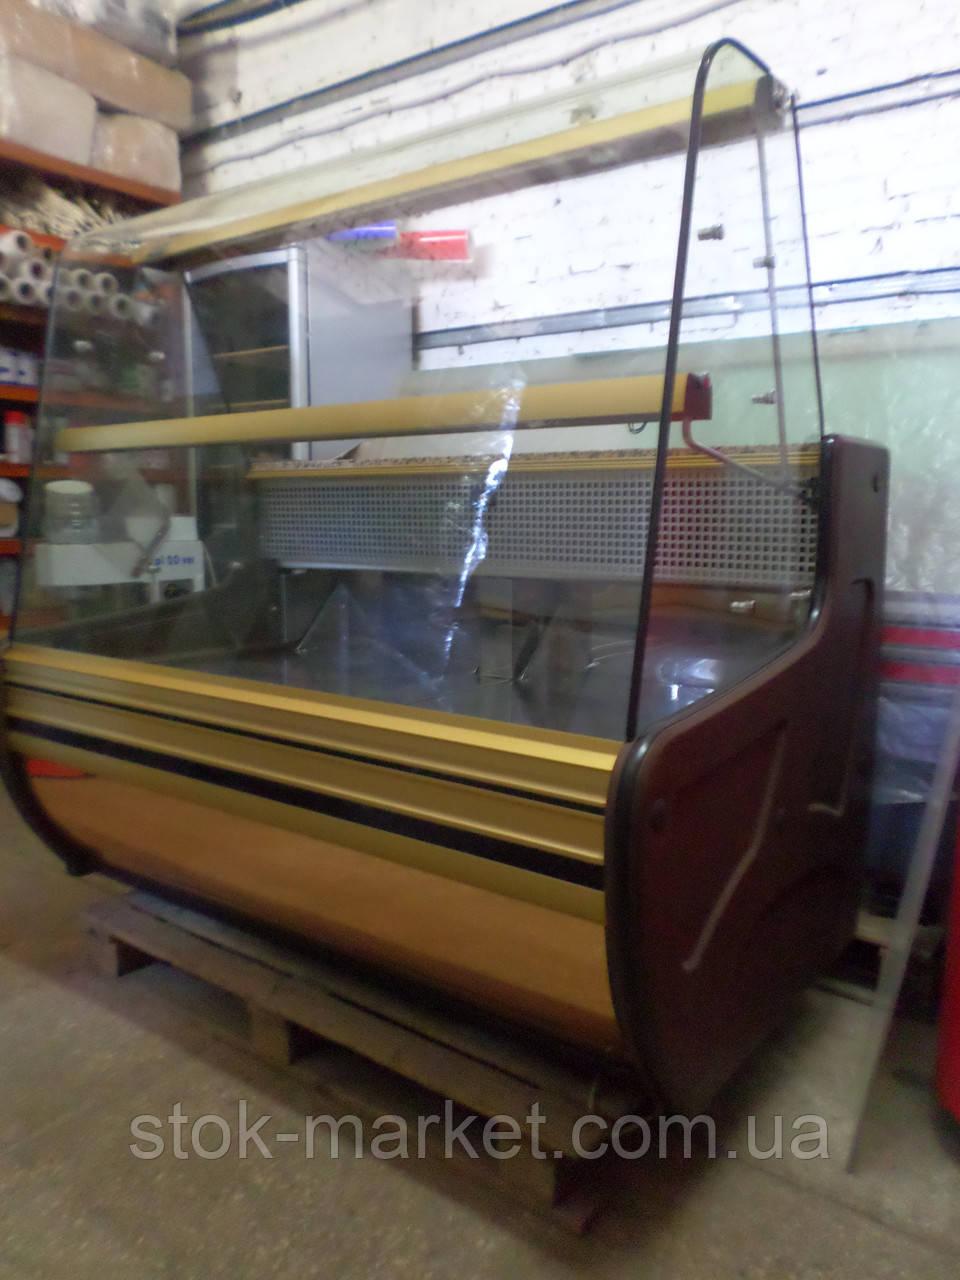 Кондитерская холодильная витрина Cold C-14G производство Польши,  Cold - холодильное оборудование европейского